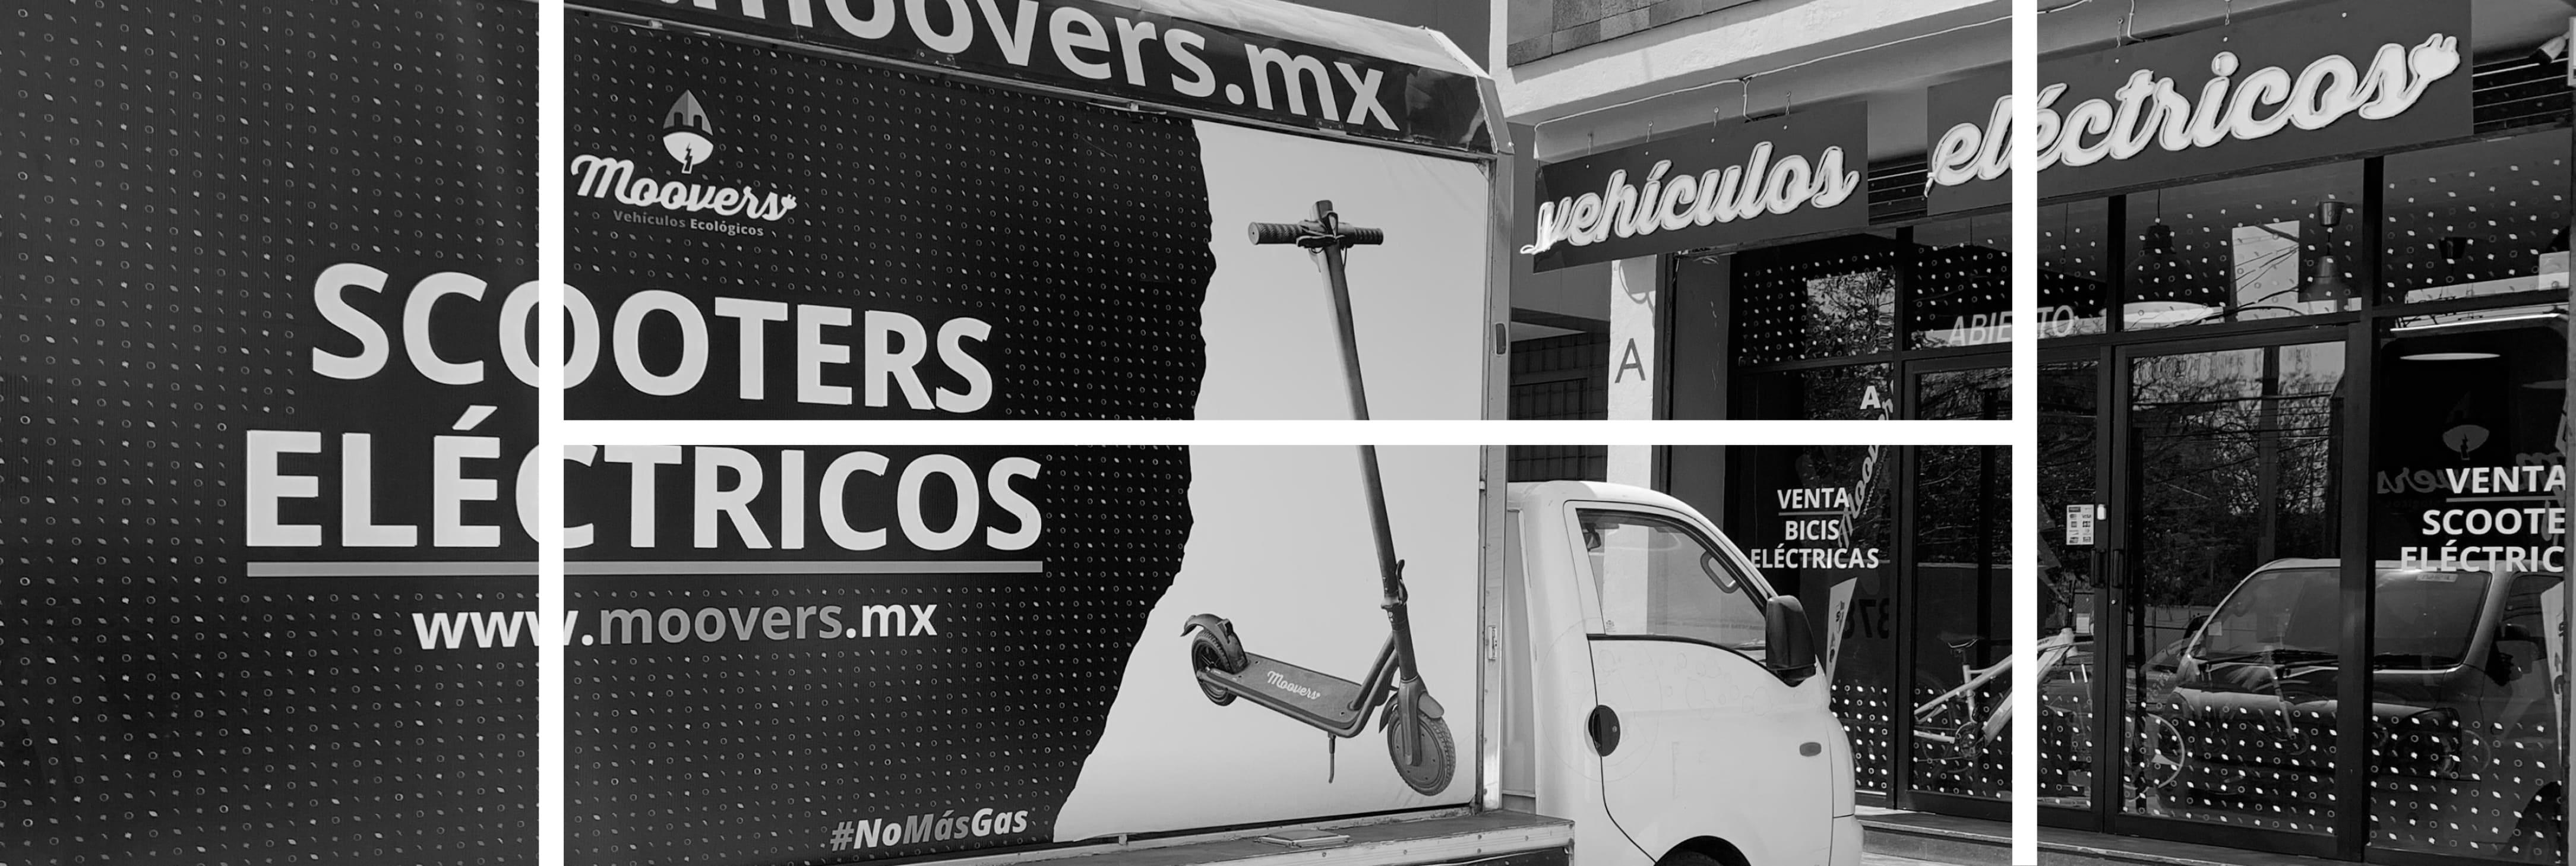 Venta scooters electricos en Merida